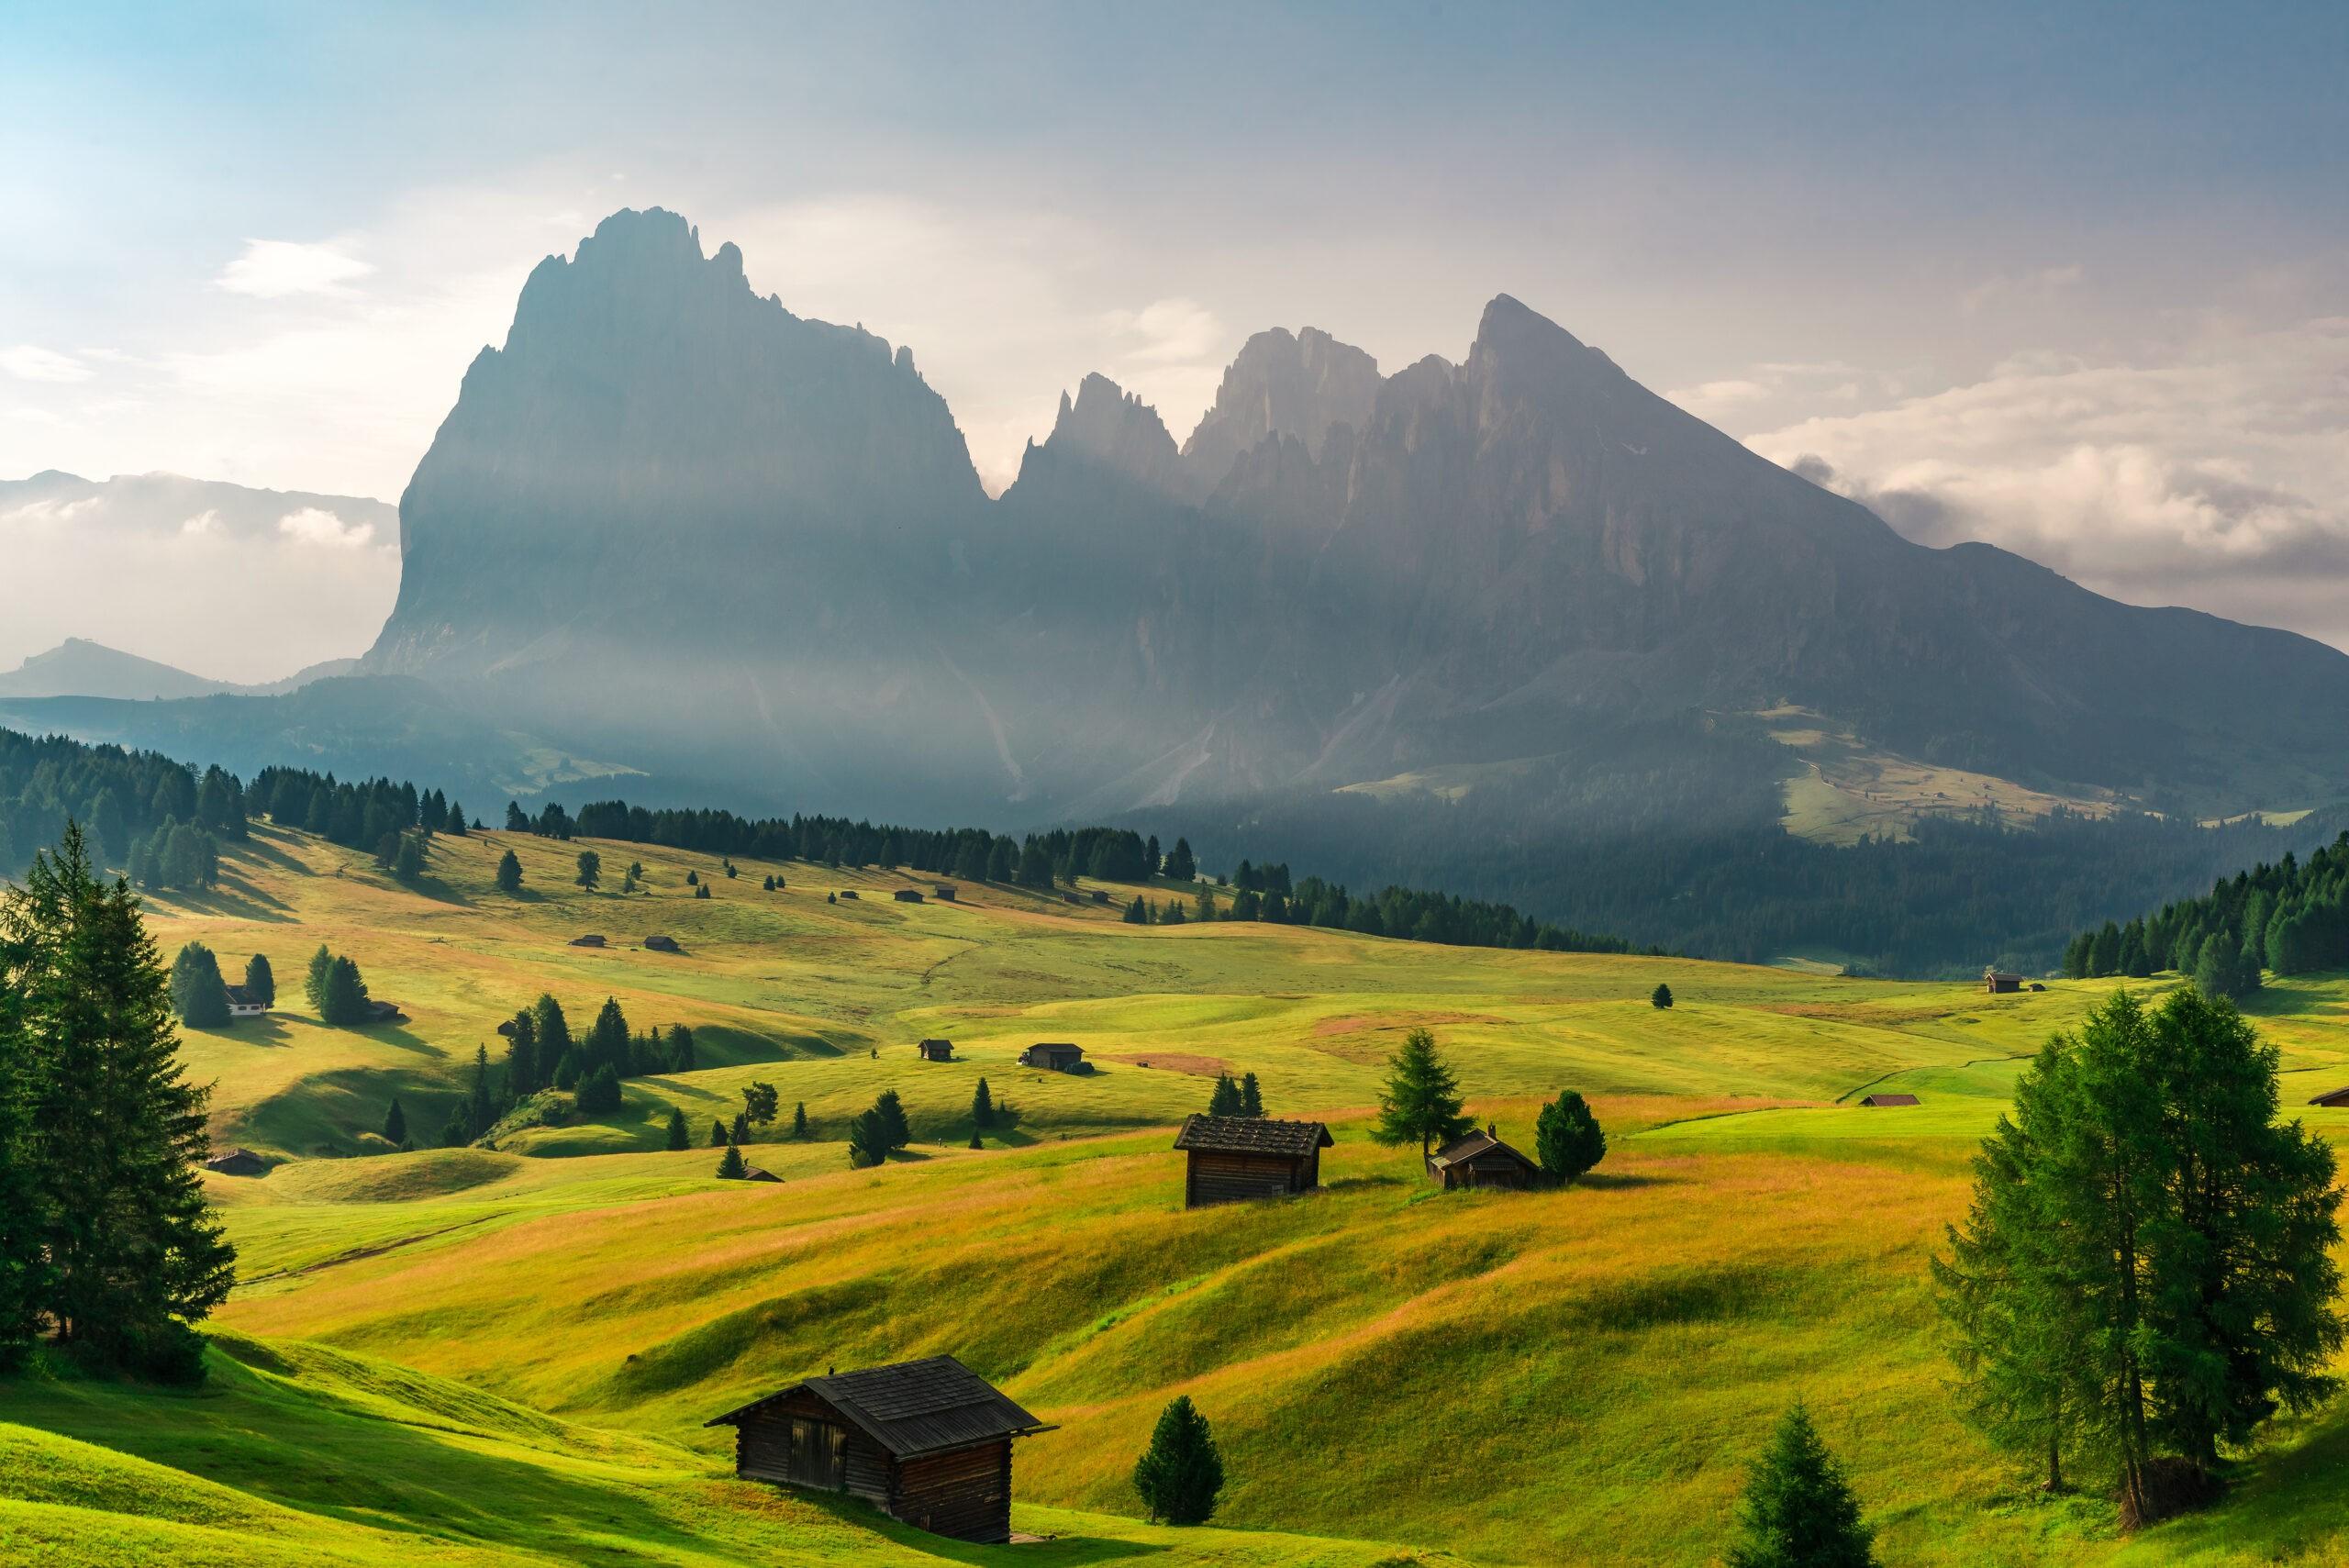 Letni wschód słońca we włoskich Alpach Dolomity Lokalizacja Seiser Alm lub Alpe di Siusi, prowincja Bolzano, Południowy Tyrol, Włochy, Europa